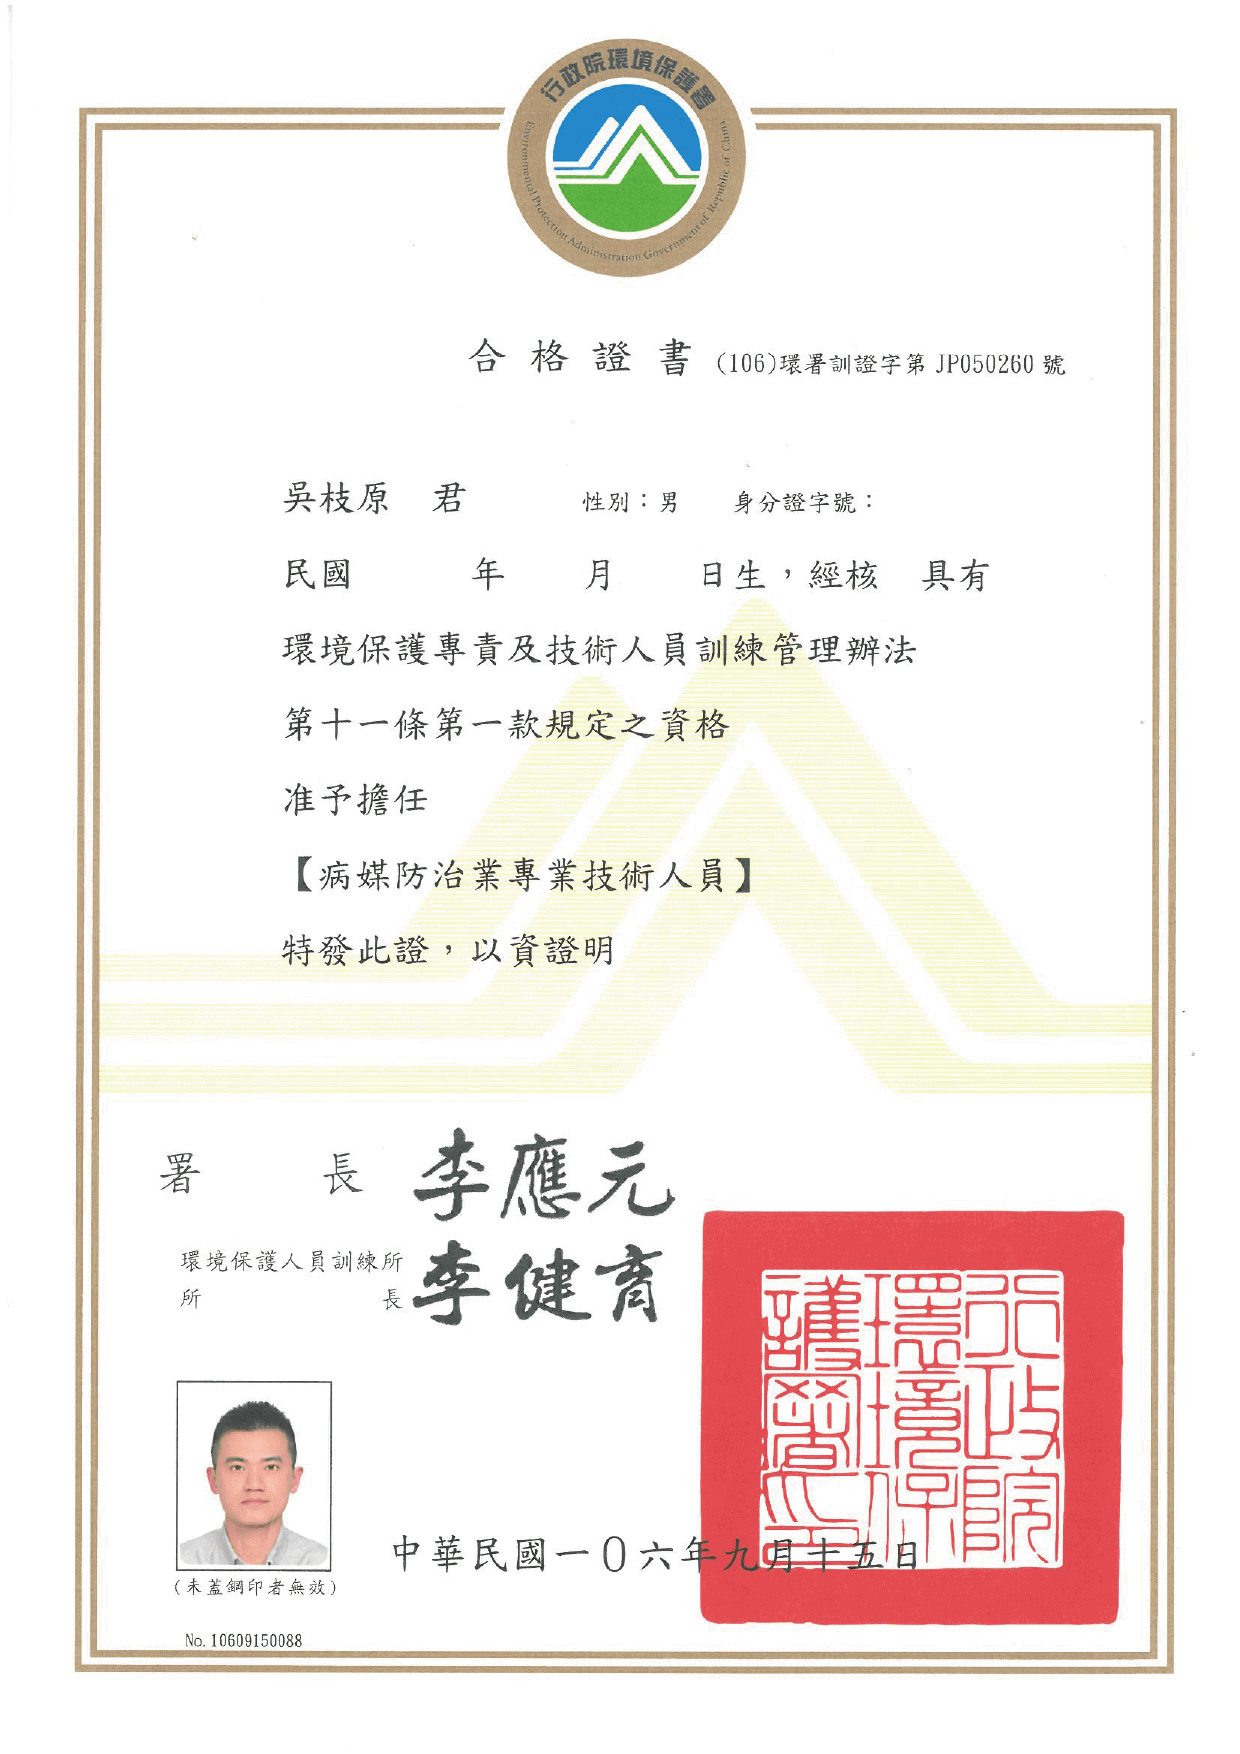 病媒防治人員合格證書_吳枝原